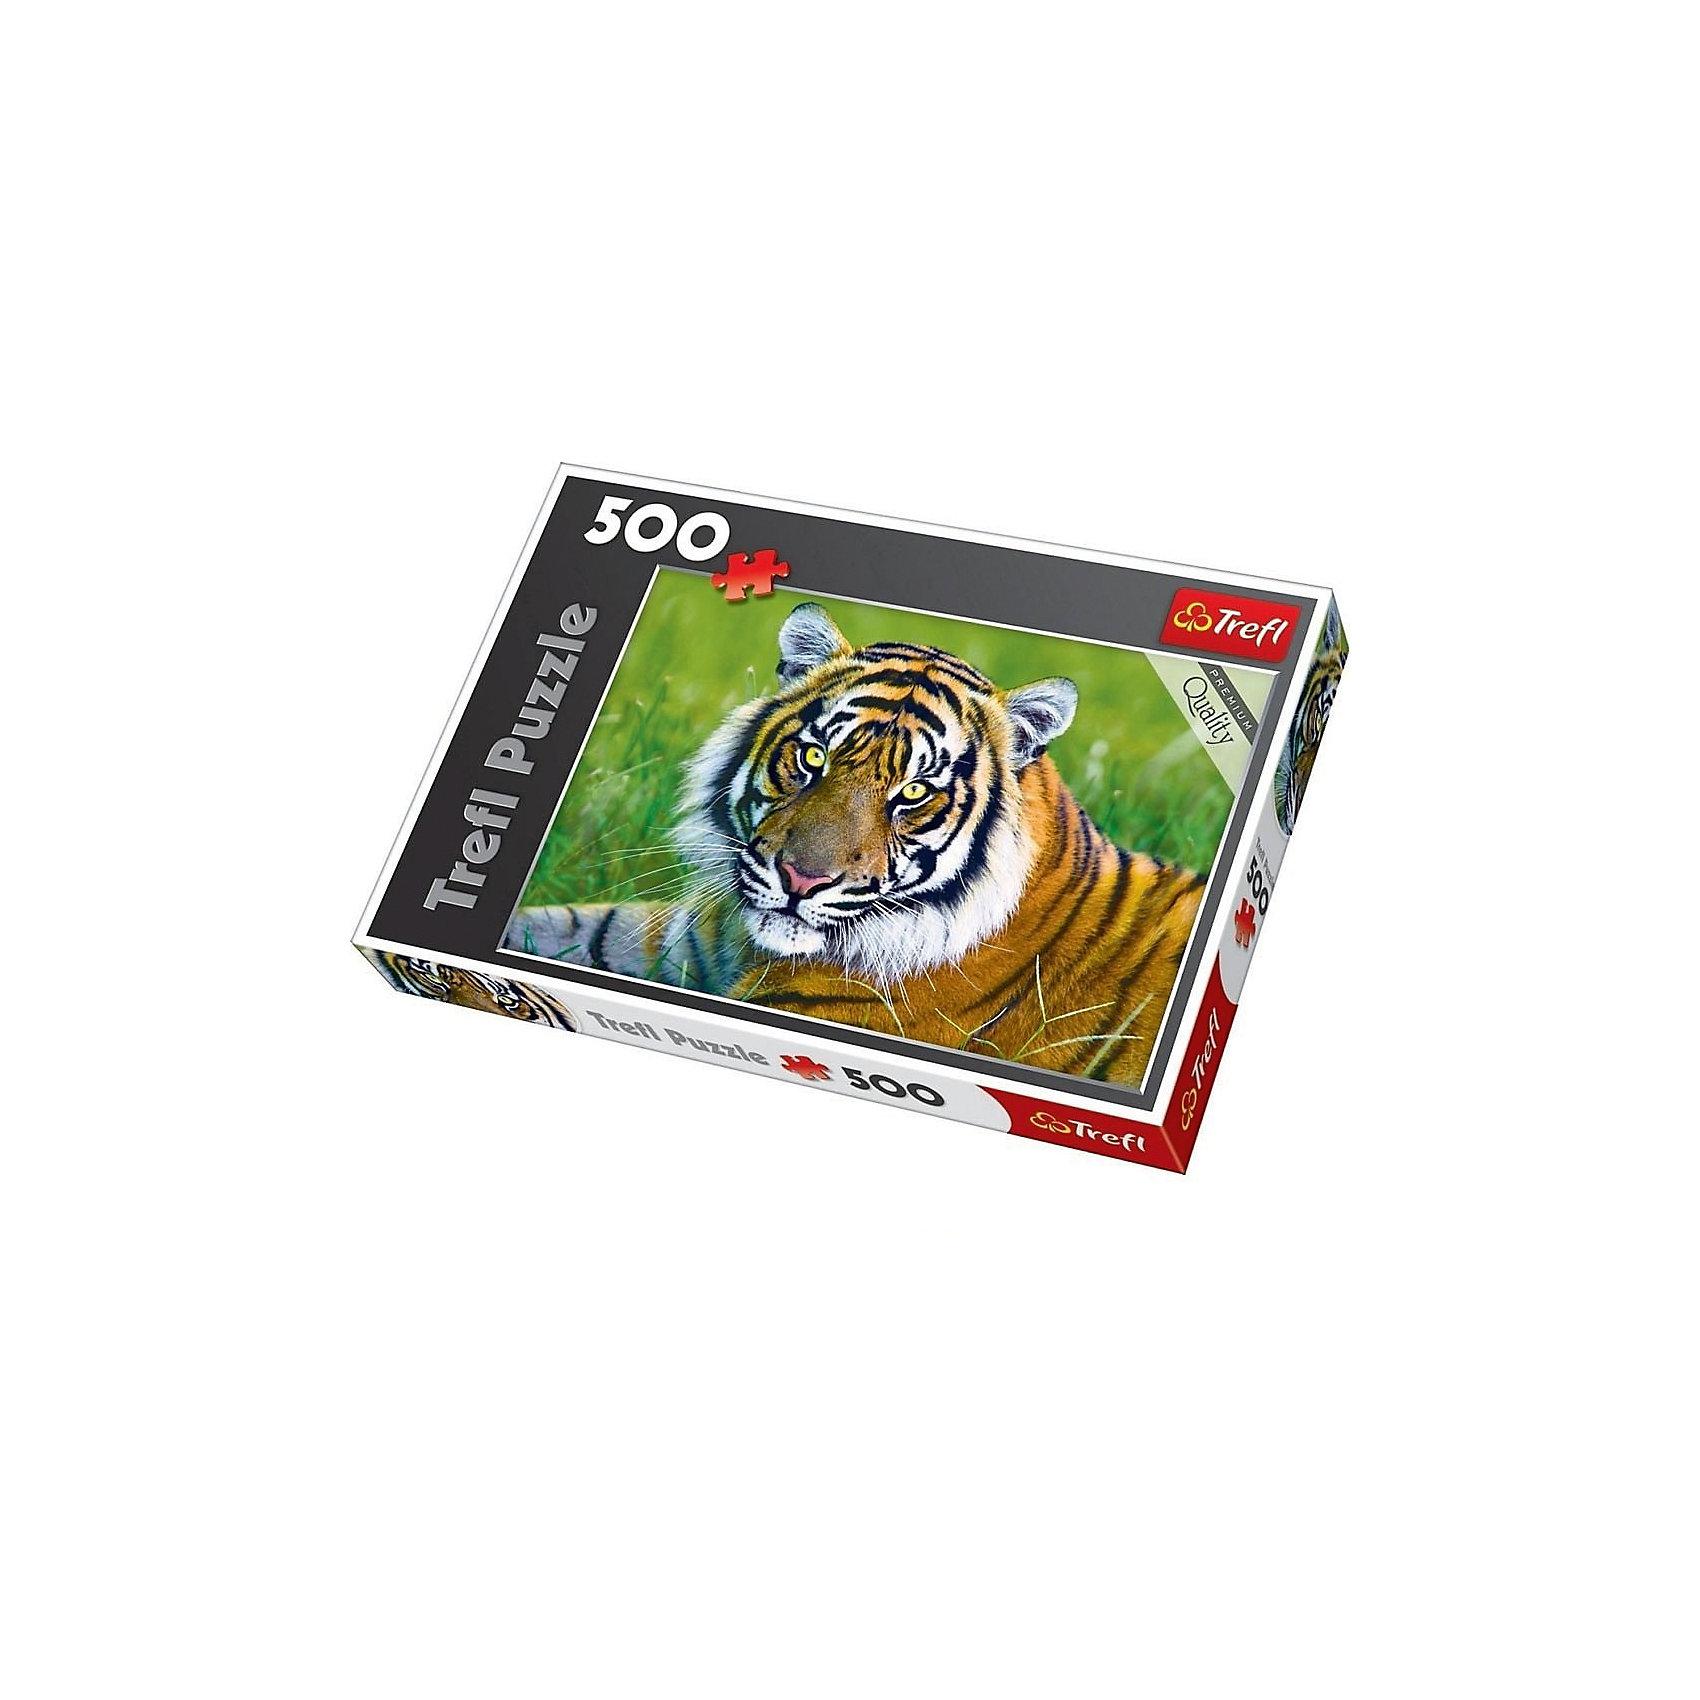 Пазл Тигр, 500 деталей, TreflКлассические пазлы<br>Характеристики товара:<br><br>• возраст от 9 лет;<br>• материал: картон;<br>• в наборе: 500 элементов;<br>• размер пазла 48х34 см;<br>• размер упаковки 40х27х5 см;<br>• вес упаковки 500 гр.;<br>• страна производитель Польша.<br><br>Пазл «Тигр» Trefl — пазл с изображением тигра на траве.  Собирая пазл, у ребенка развиваются логическое мышление, моторика рук, внимательность к деталям, усидчивость. Все элементы выполнены из качественного экологически чистого картона со специальным стойким покрытием.<br><br>Пазл «Тигр» Trefl можно приобрести в нашем интернет-магазине.<br><br>Ширина мм: 400<br>Глубина мм: 270<br>Высота мм: 50<br>Вес г: 500<br>Возраст от месяцев: 108<br>Возраст до месяцев: 2147483647<br>Пол: Унисекс<br>Возраст: Детский<br>SKU: 5578458